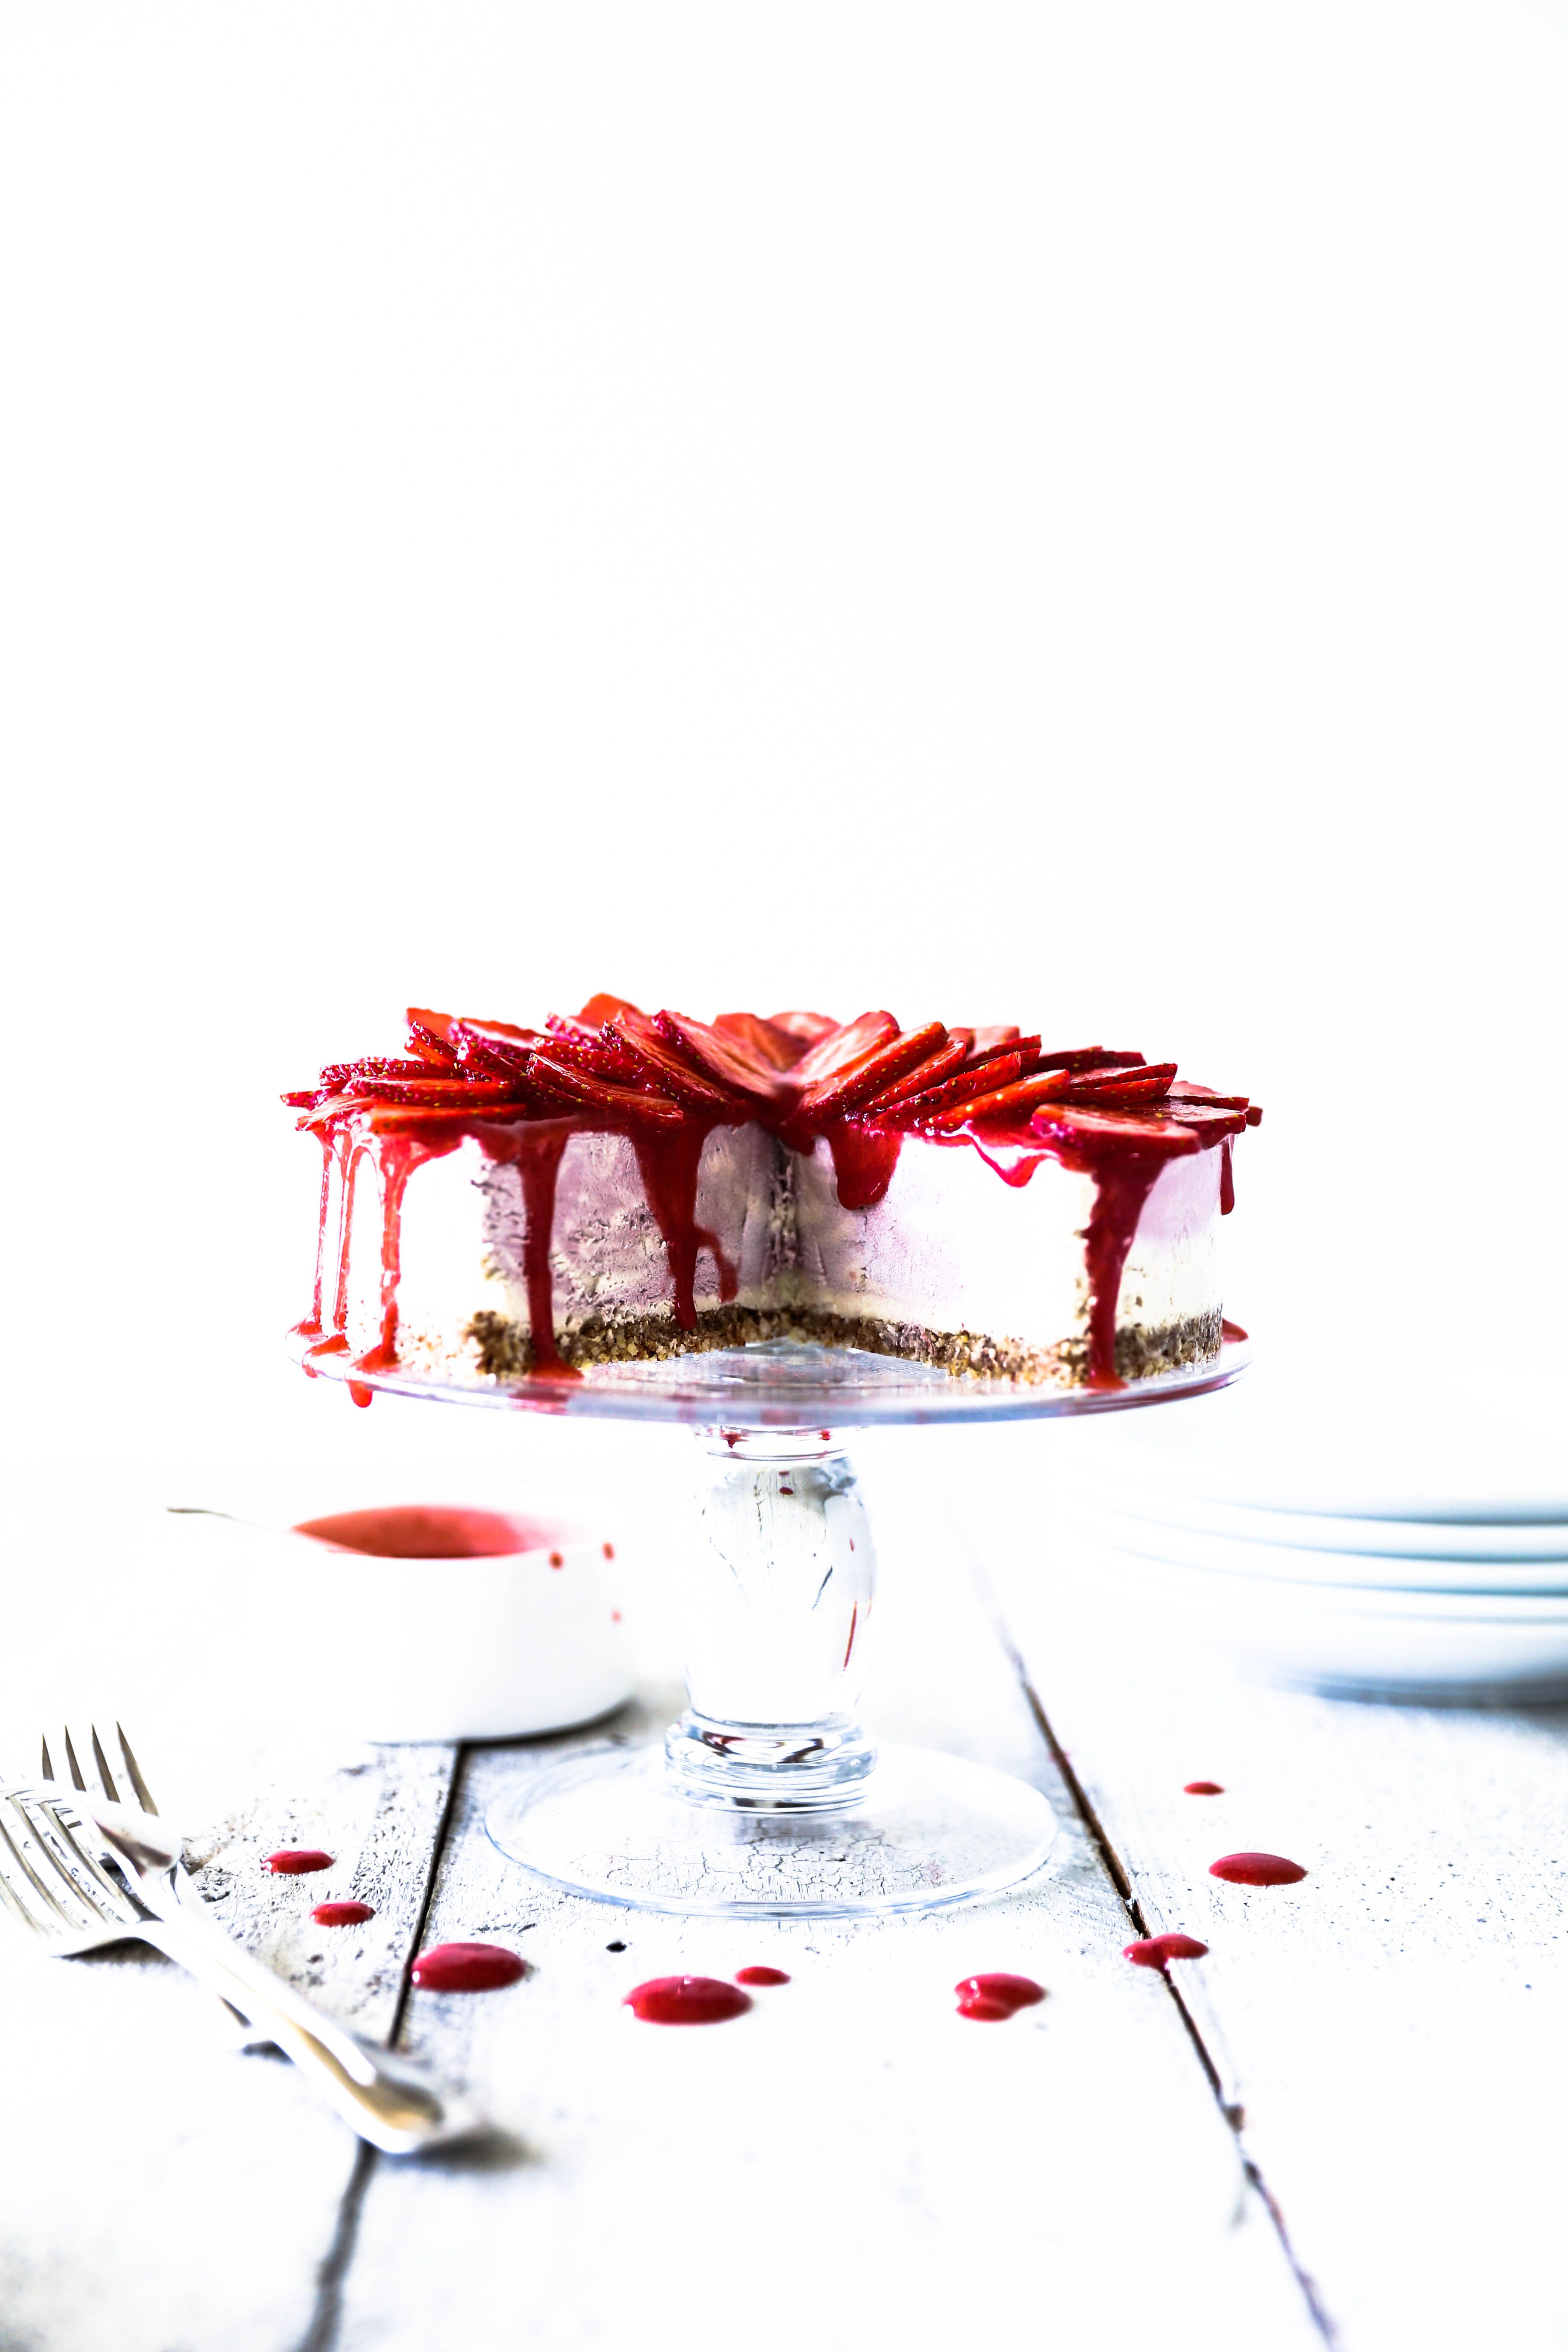 Raw strawberries cream ice cream cake strawberries and